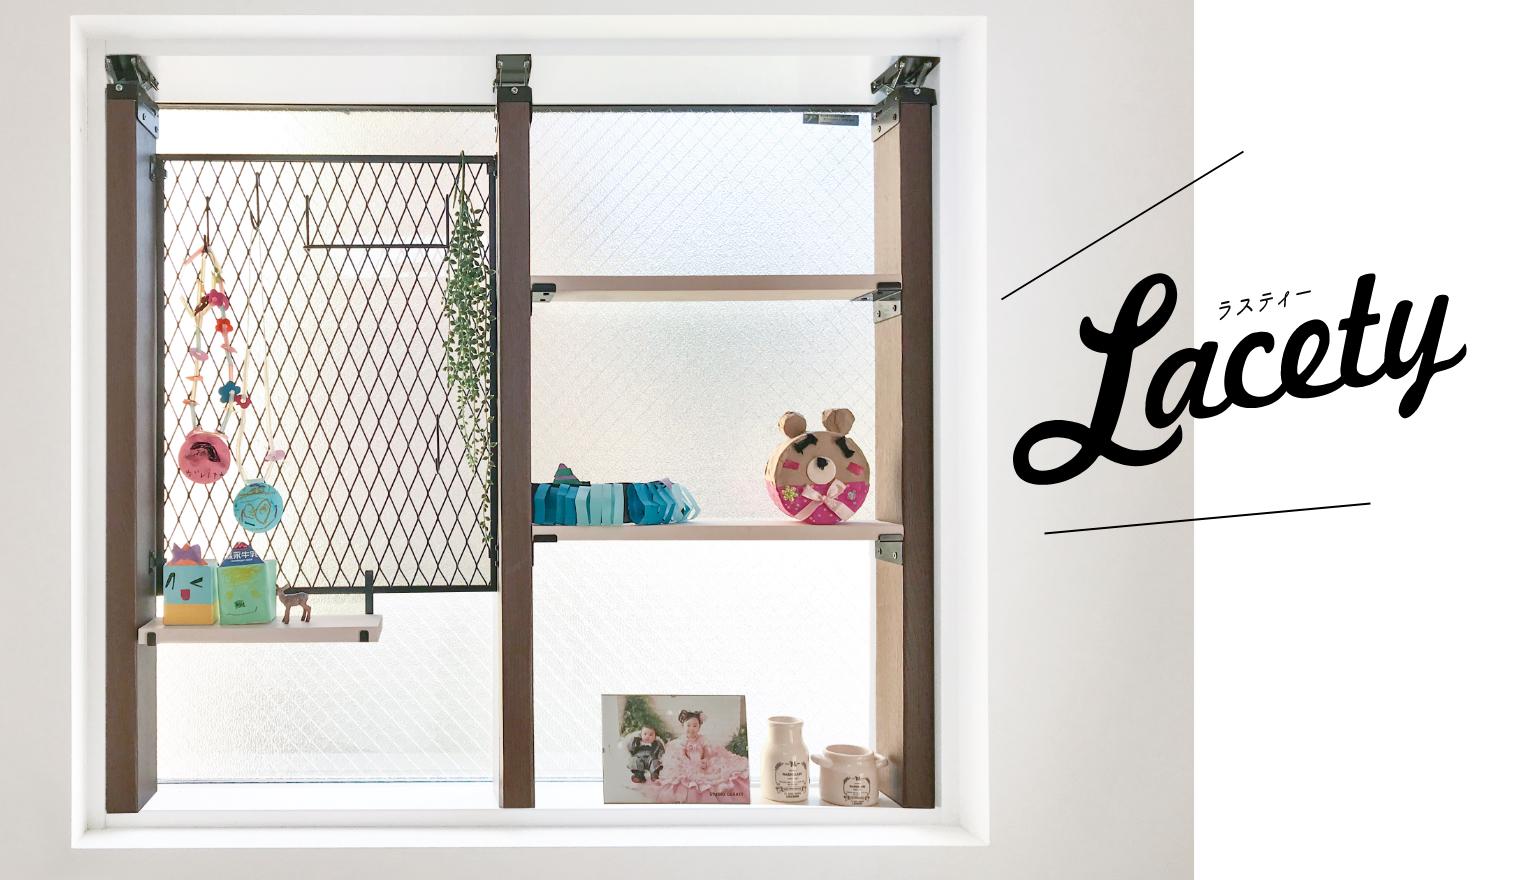 窓辺に設置されたラスティとウォリストを組み合わせて作った棚